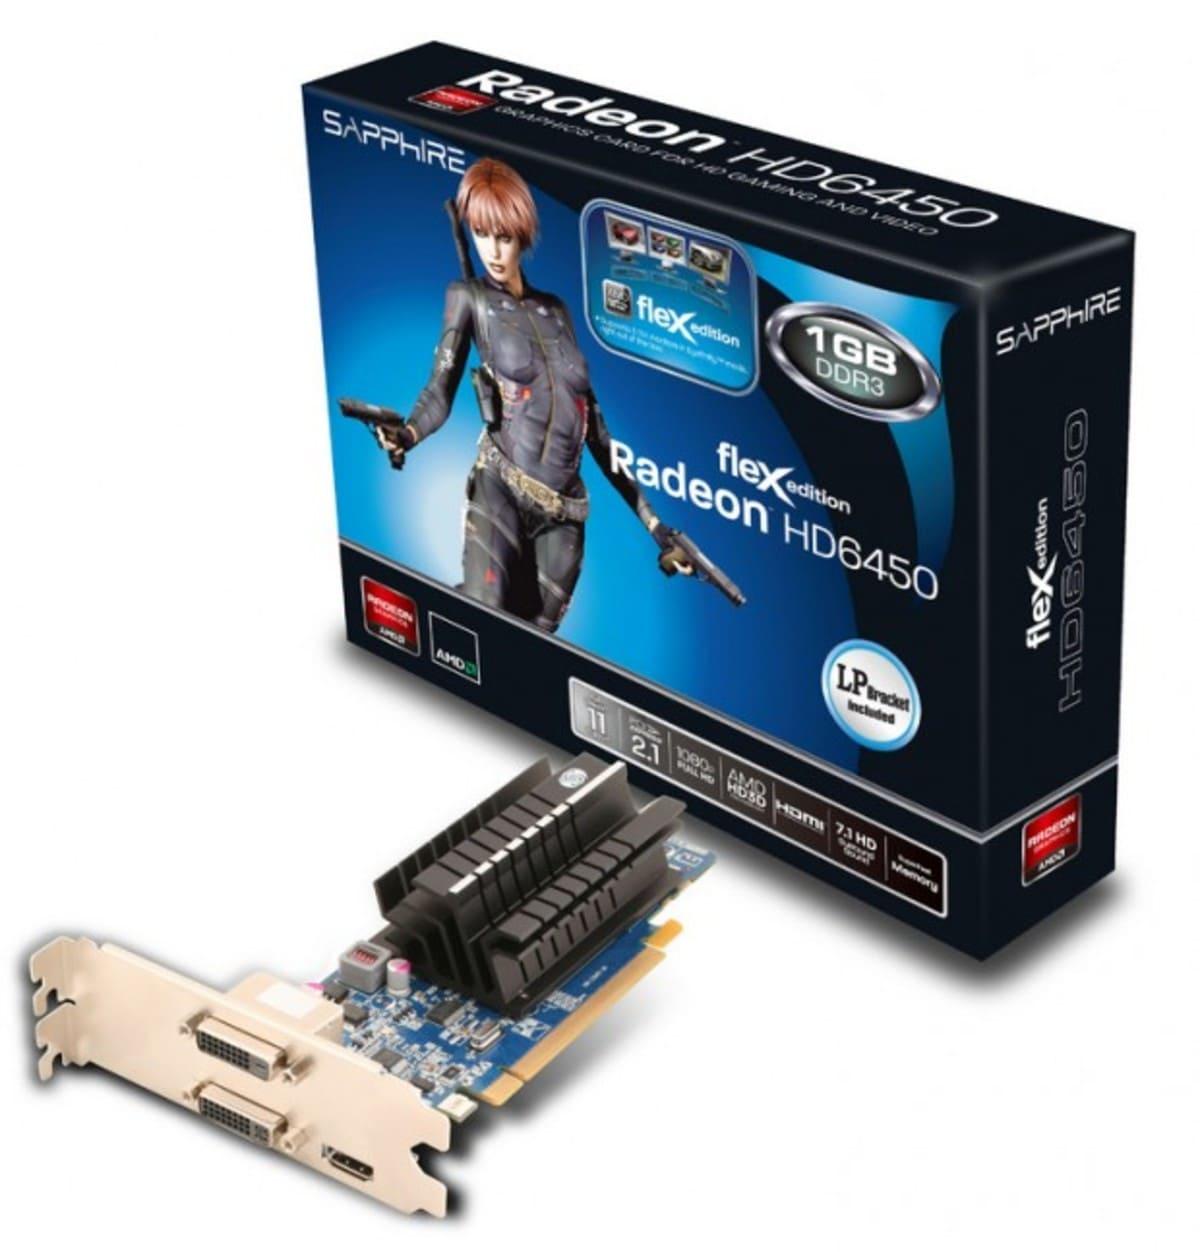 Sapphire HD 6450 Flex 1 e1323429153771 0